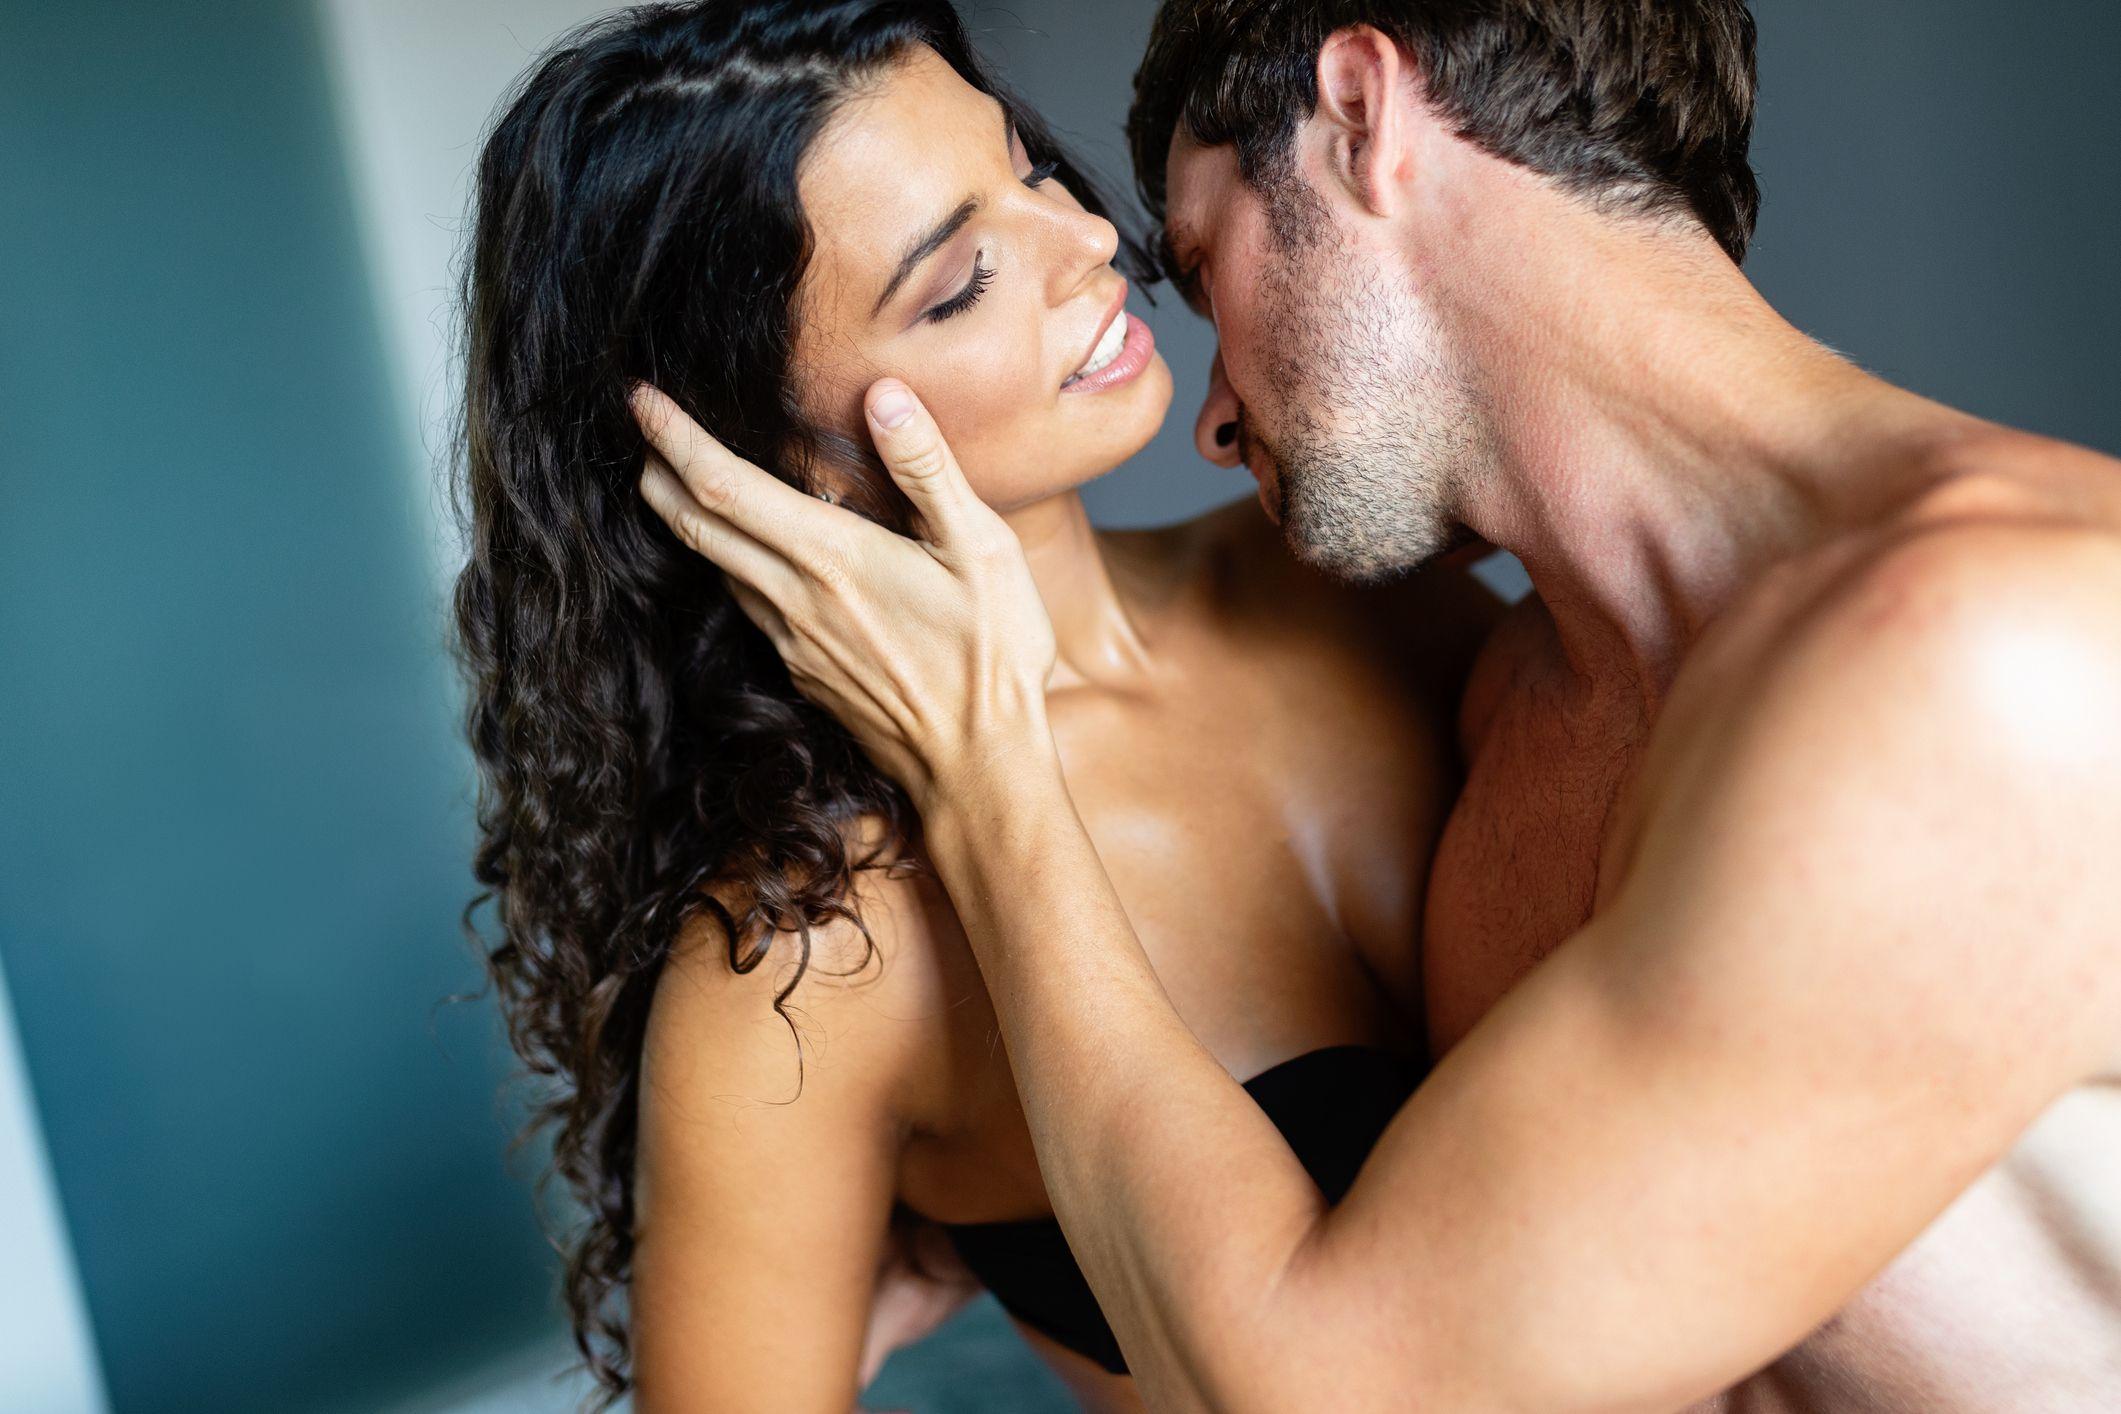 Σεξ λίμπιντο επιδερμίδα: Οι ορμόνες ευχαρίστησης λειτουργούν σαν φυσικό λίφτινγκ